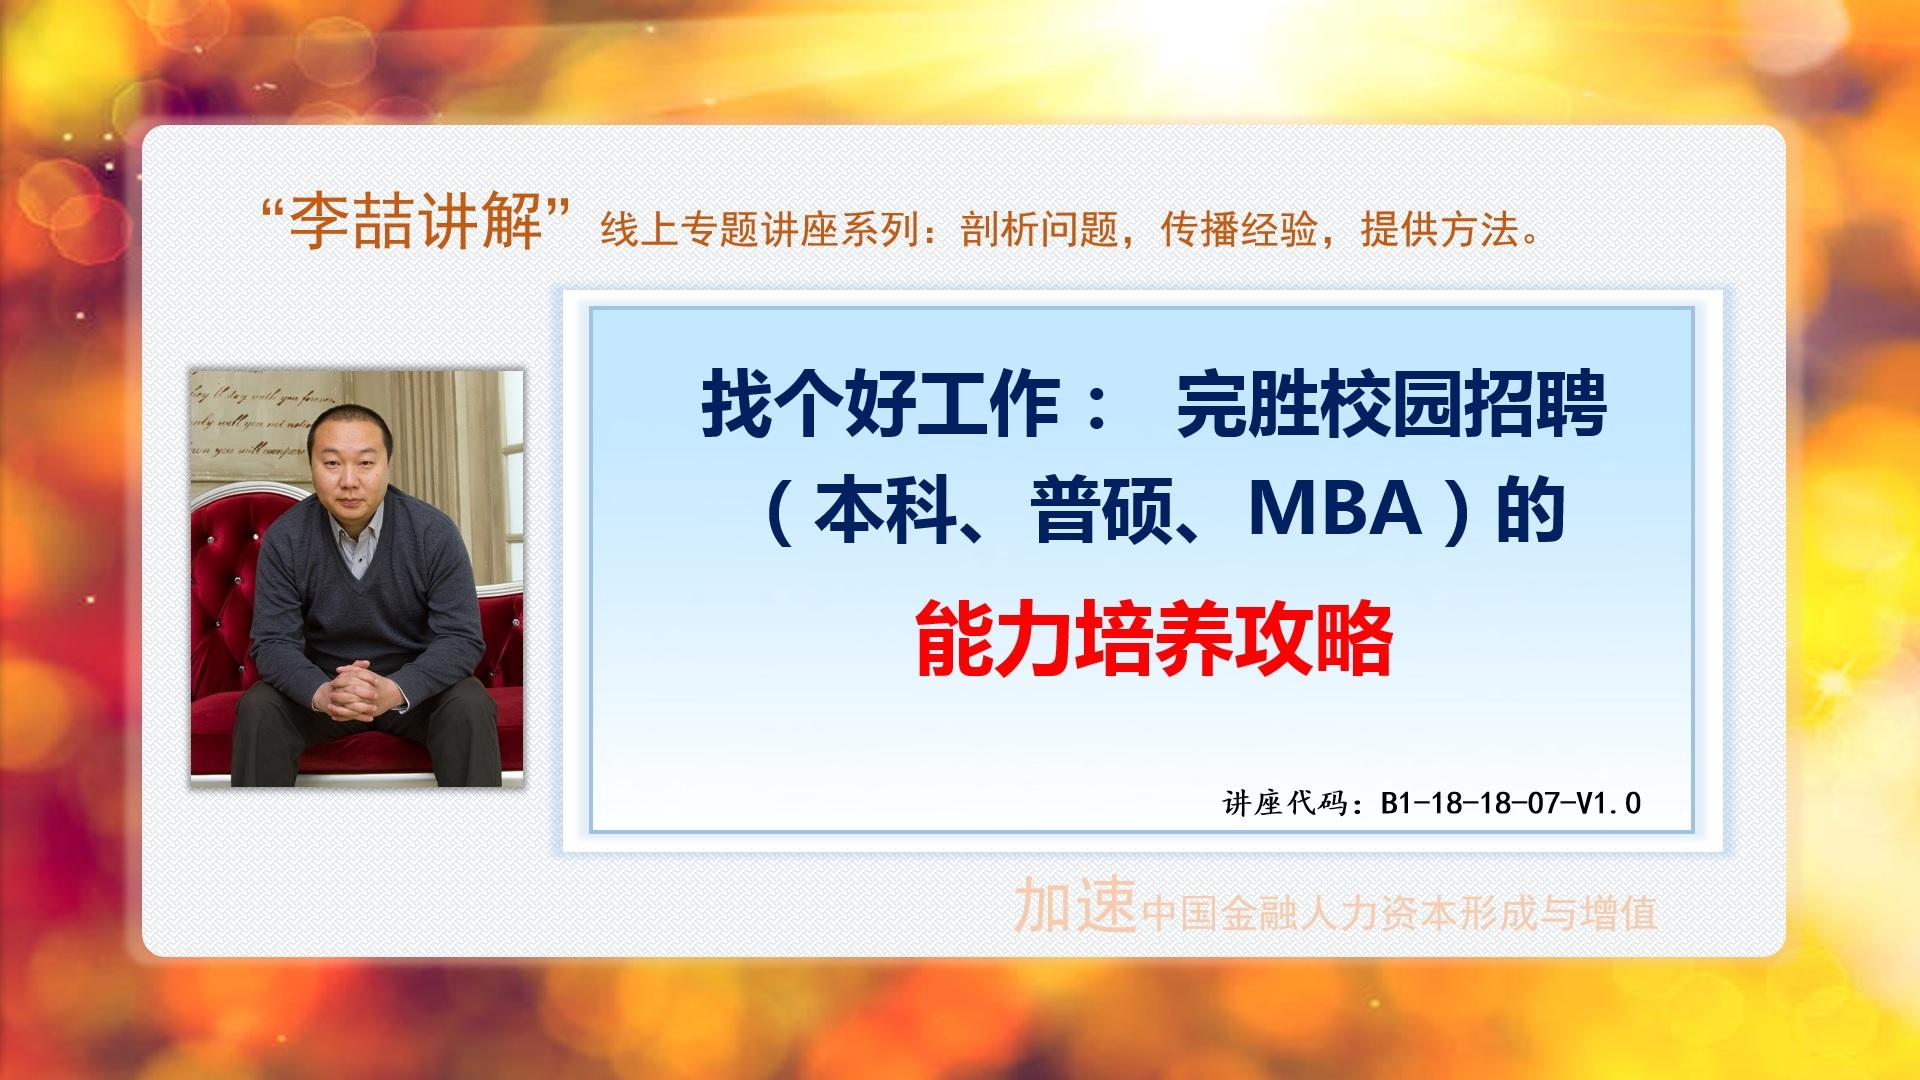 找个好工作:  完胜校园招聘(本科、普硕、MBA)的能力培养攻略